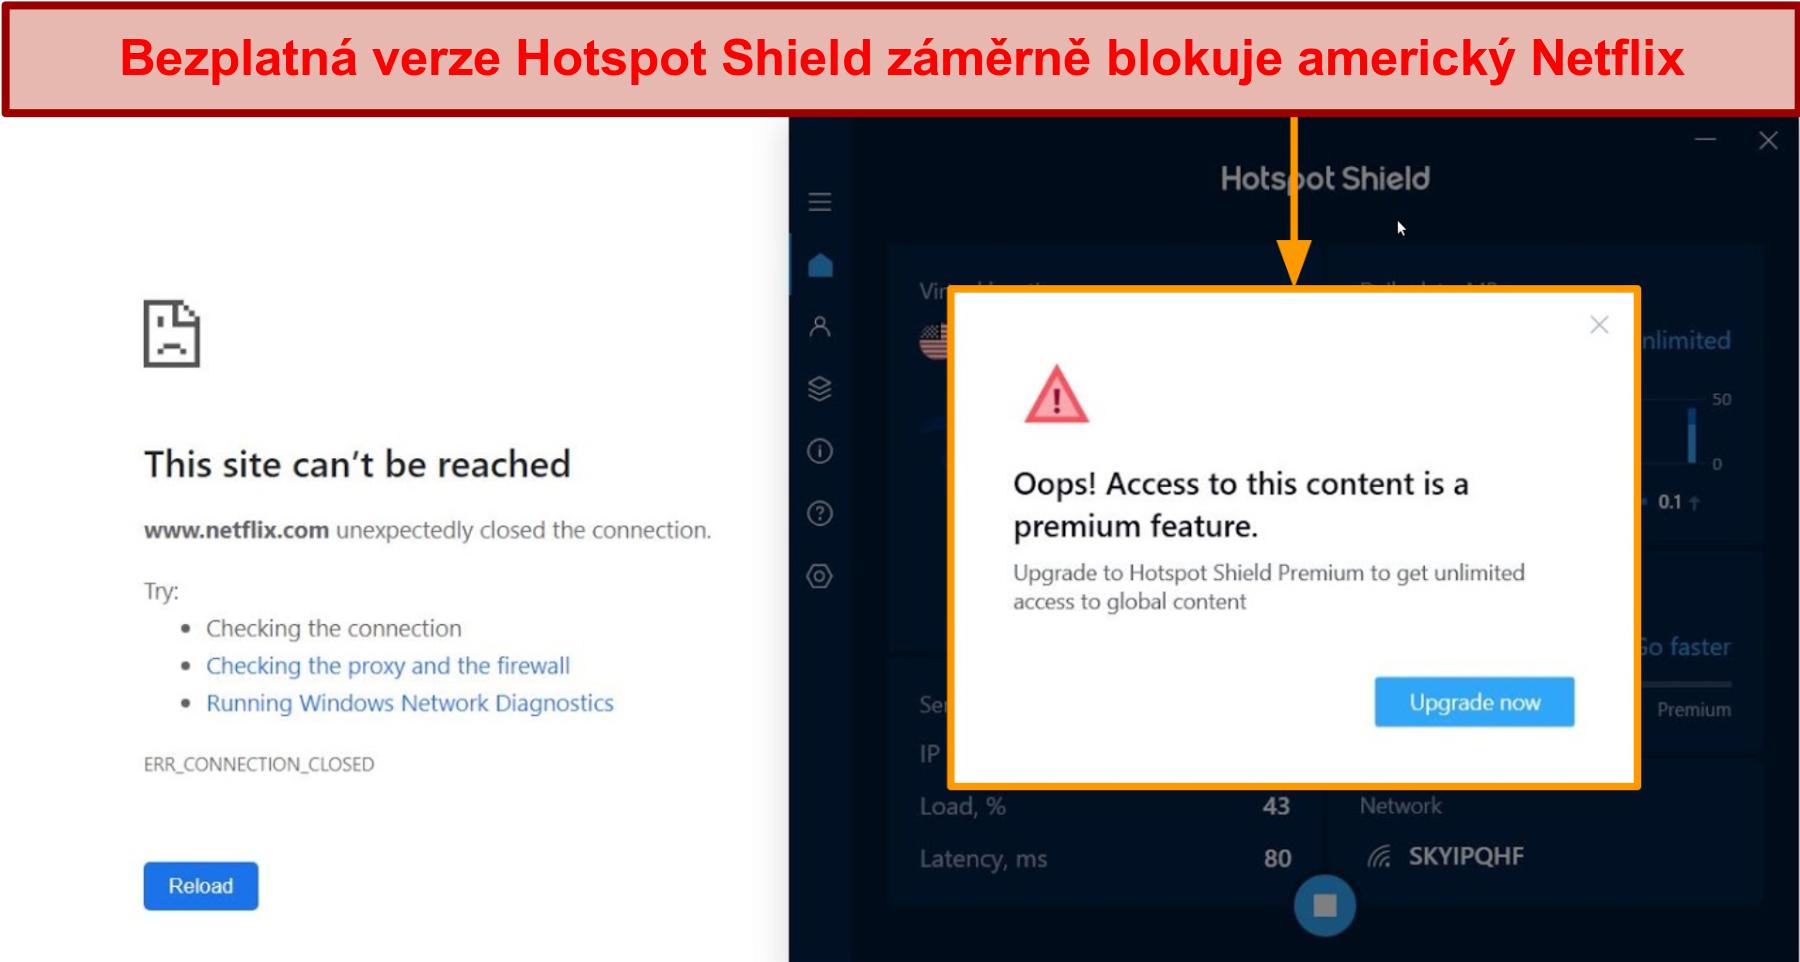 screenshot zobrazený HotspotShield úmyslně blokuje Netflix